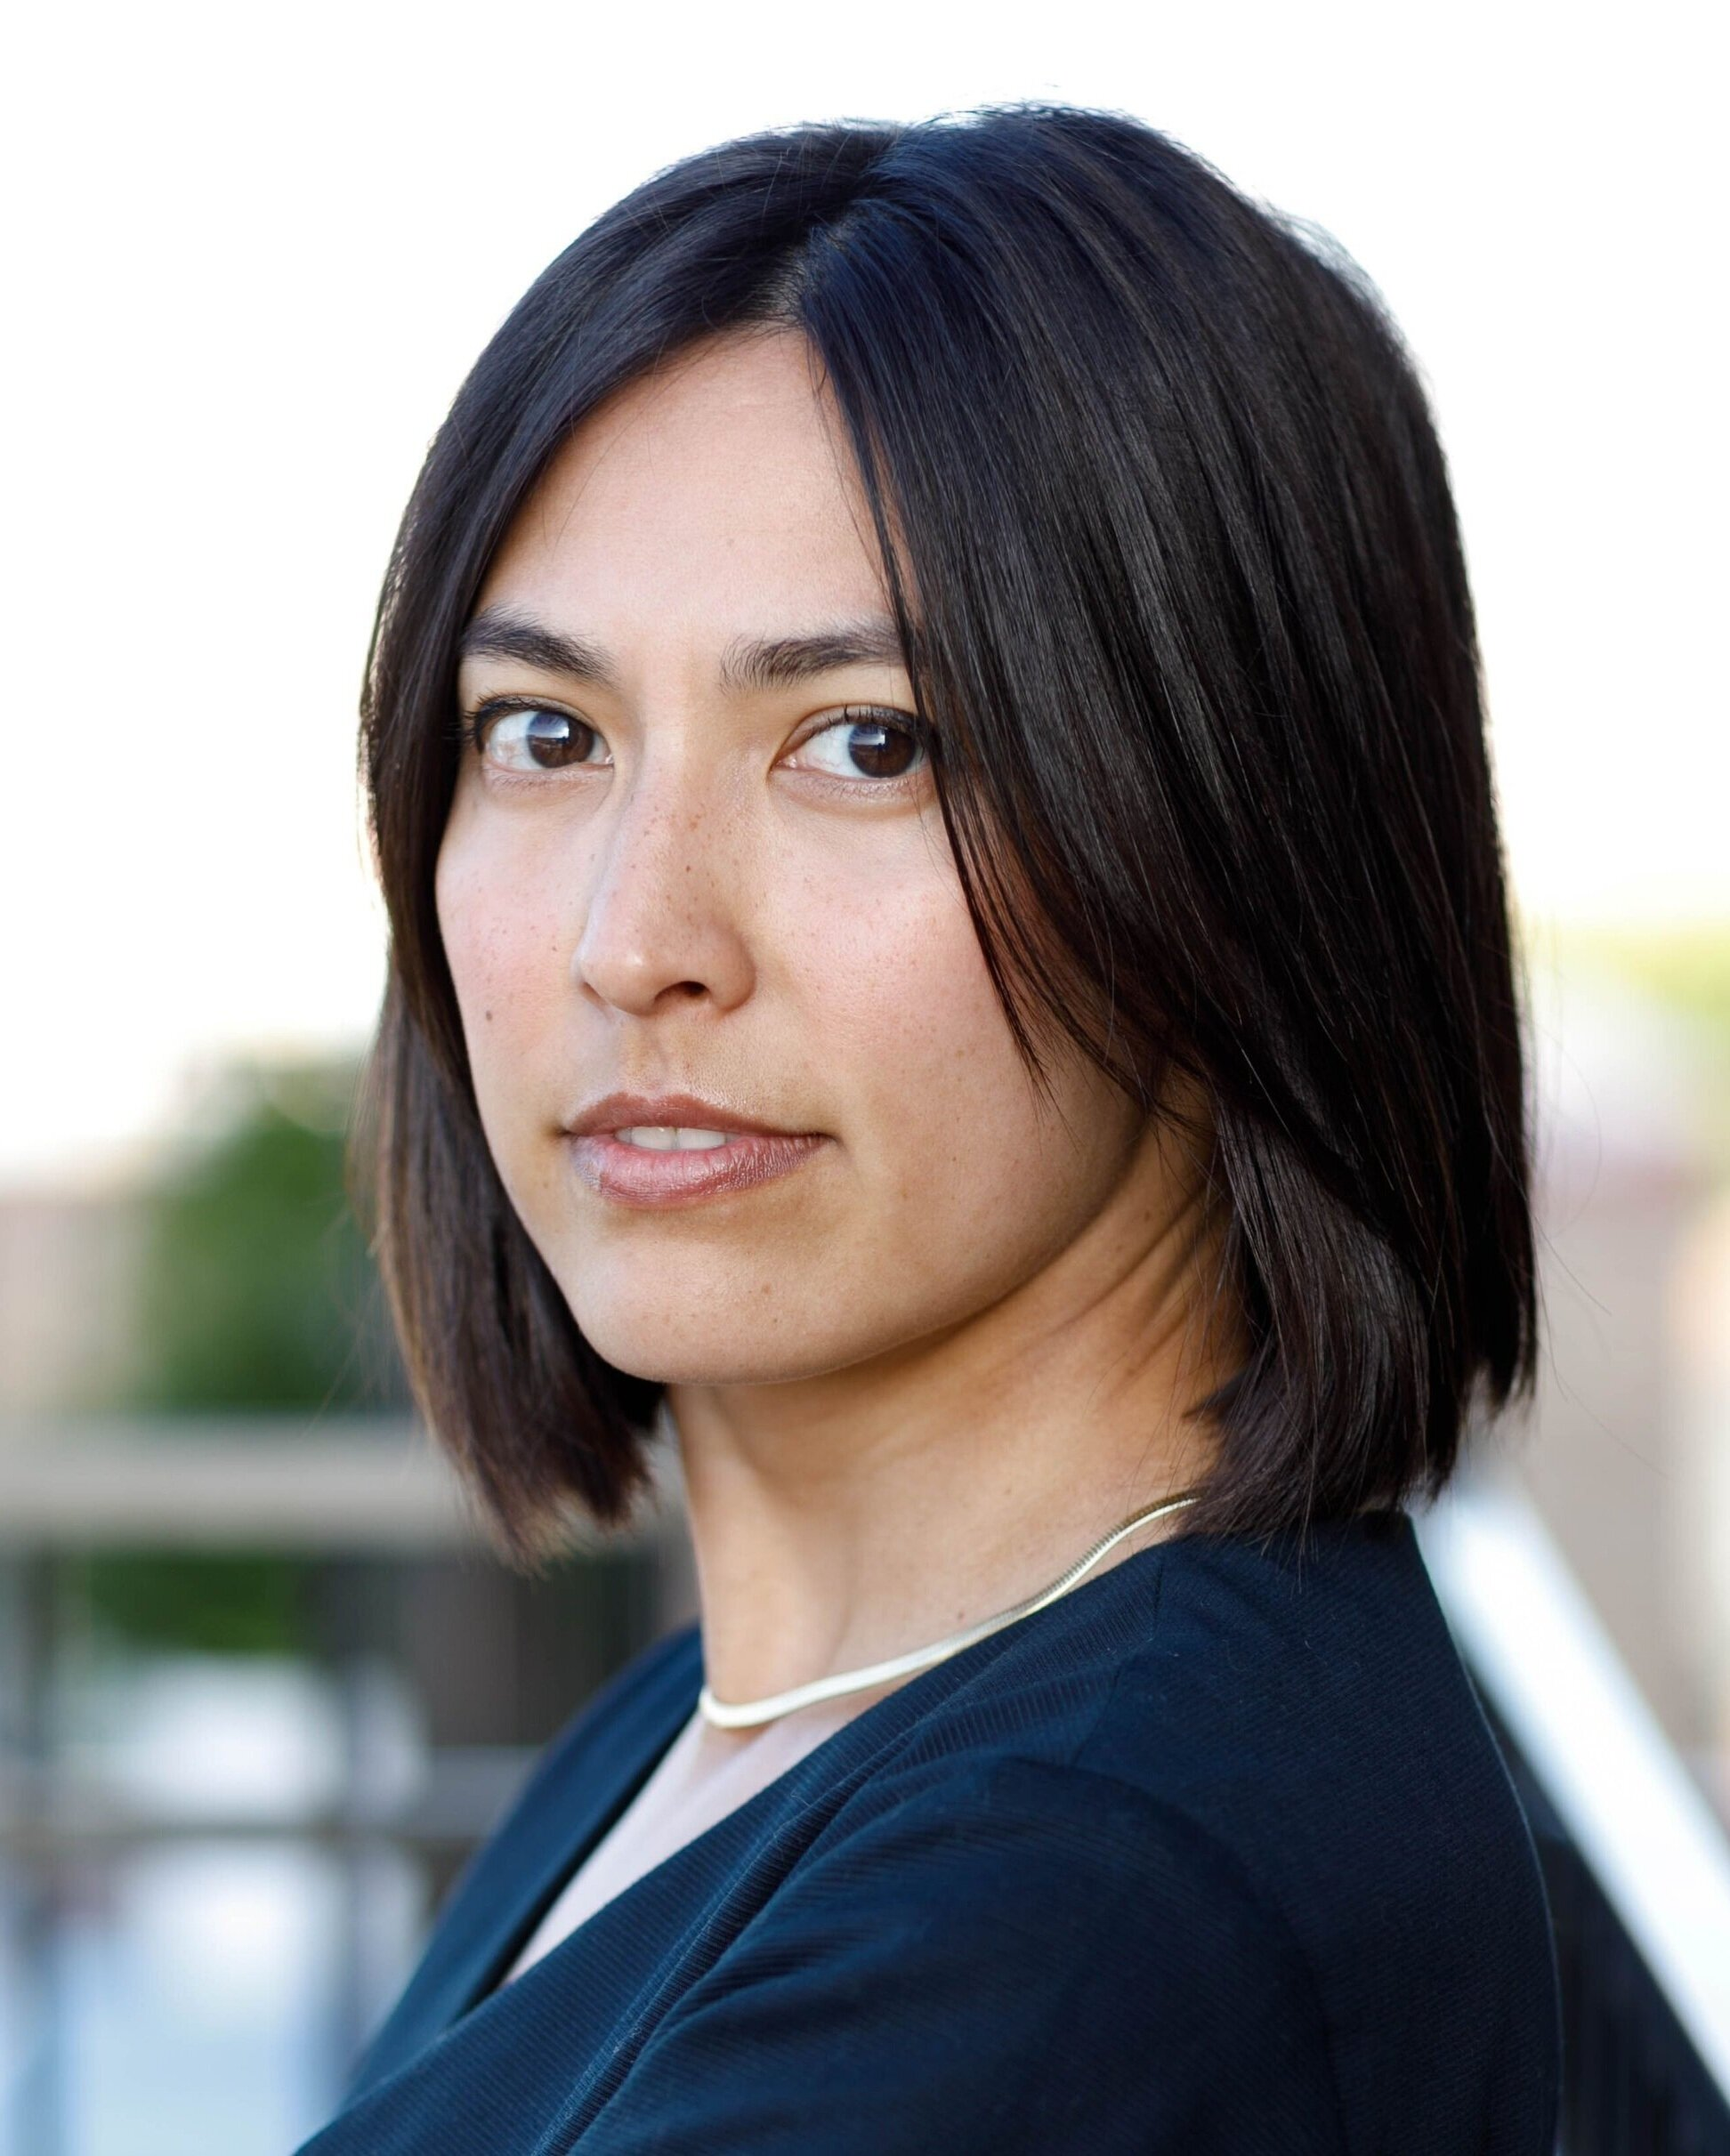 Natalie-Sheneman-headshot.jpg